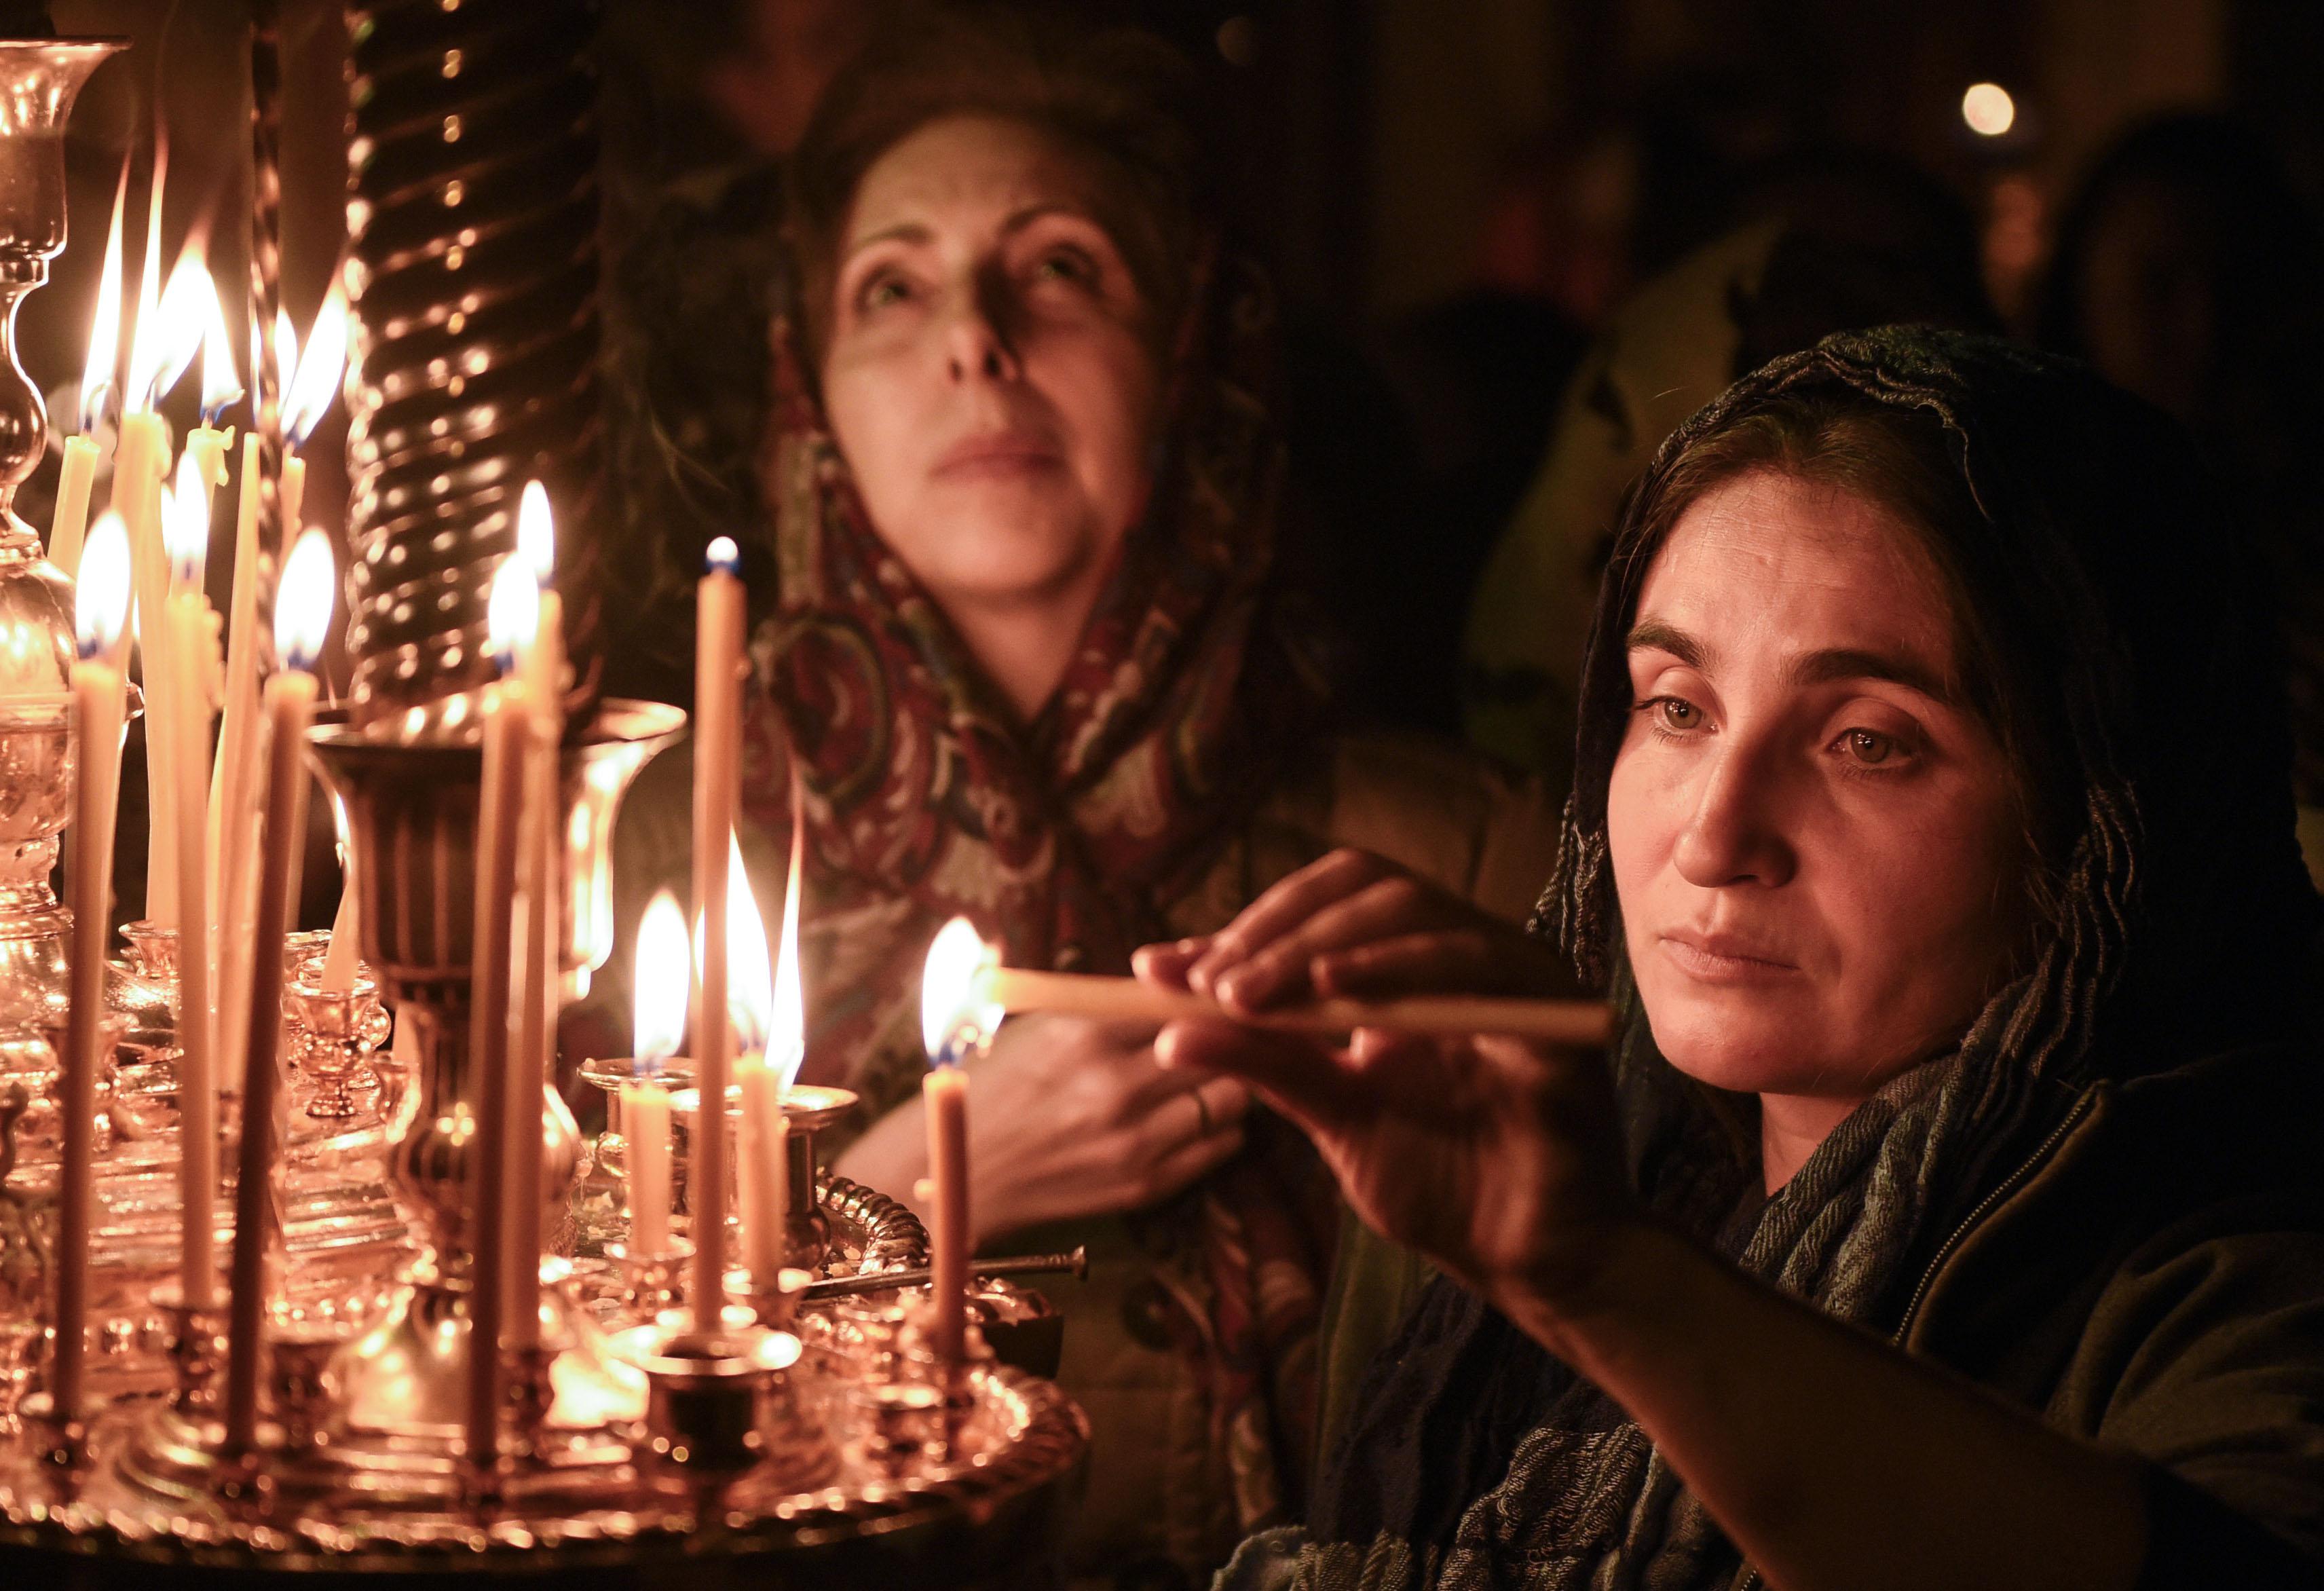 Mujeres encienden velas durante un servicio de Pascua en una iglesia en Bakú, a principios del 8 de abril de 2018.